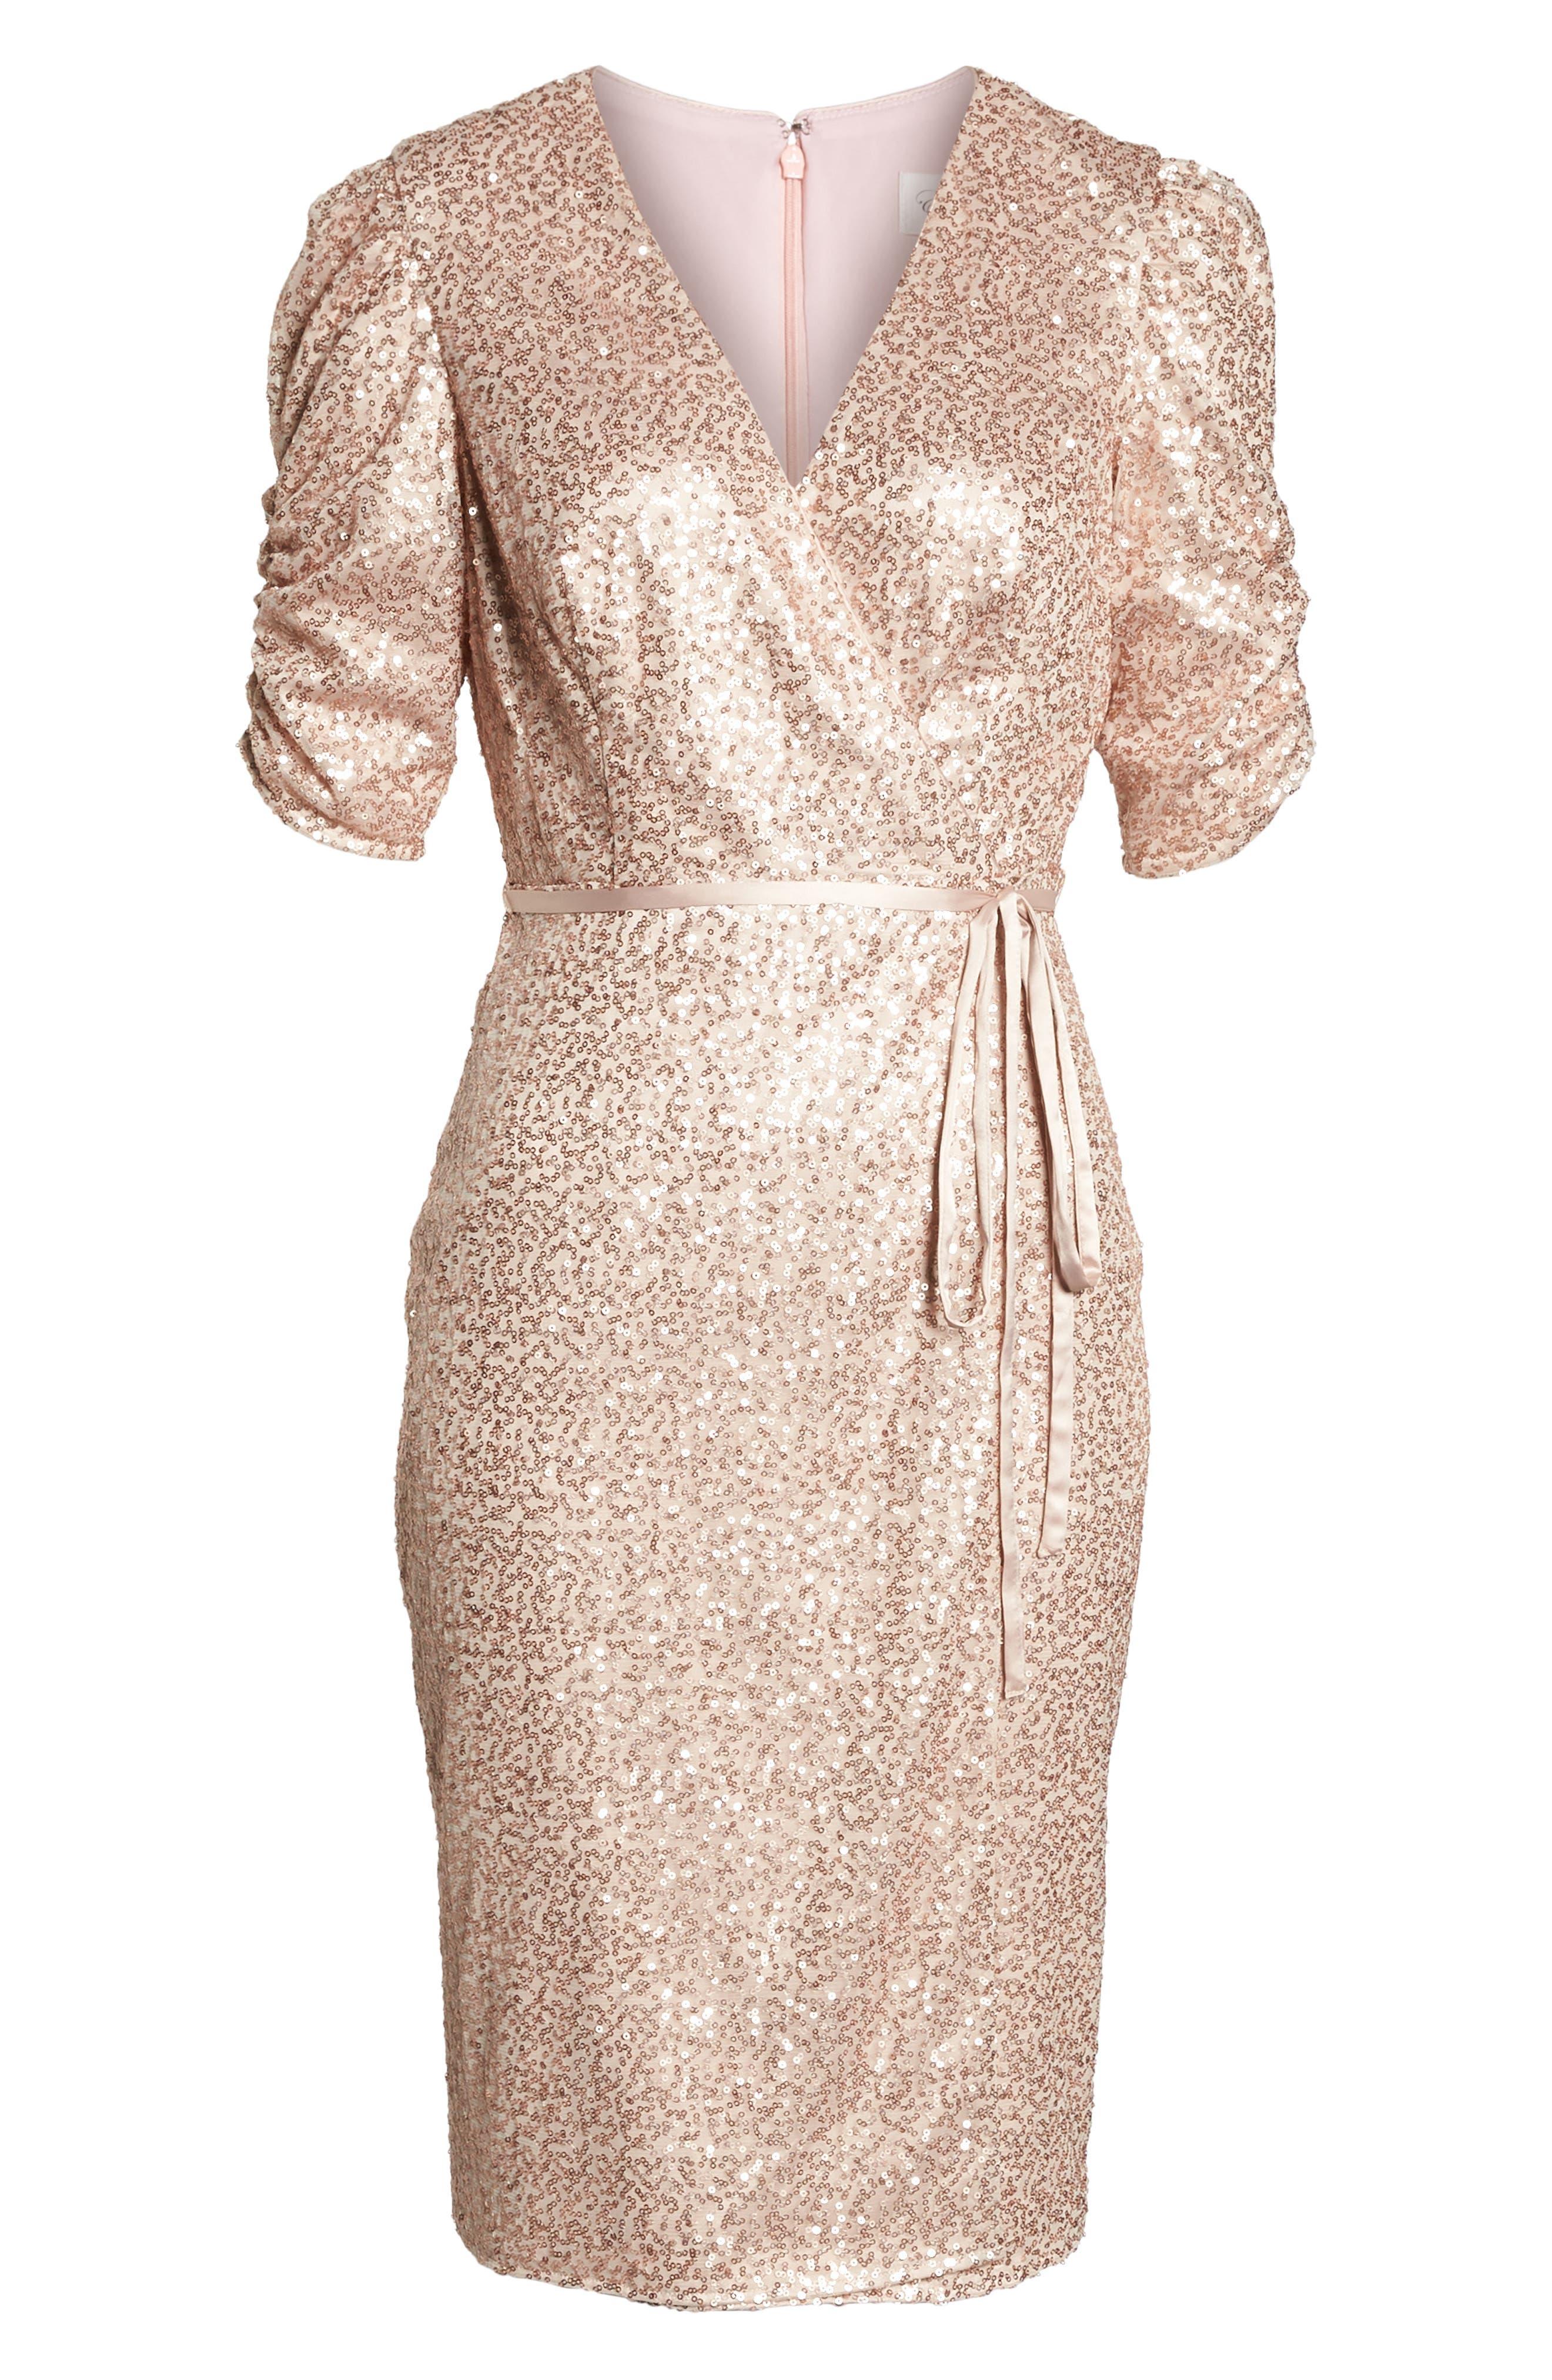 ELIZA J,                             Sequin Faux Wrap Dress,                             Alternate thumbnail 7, color,                             250